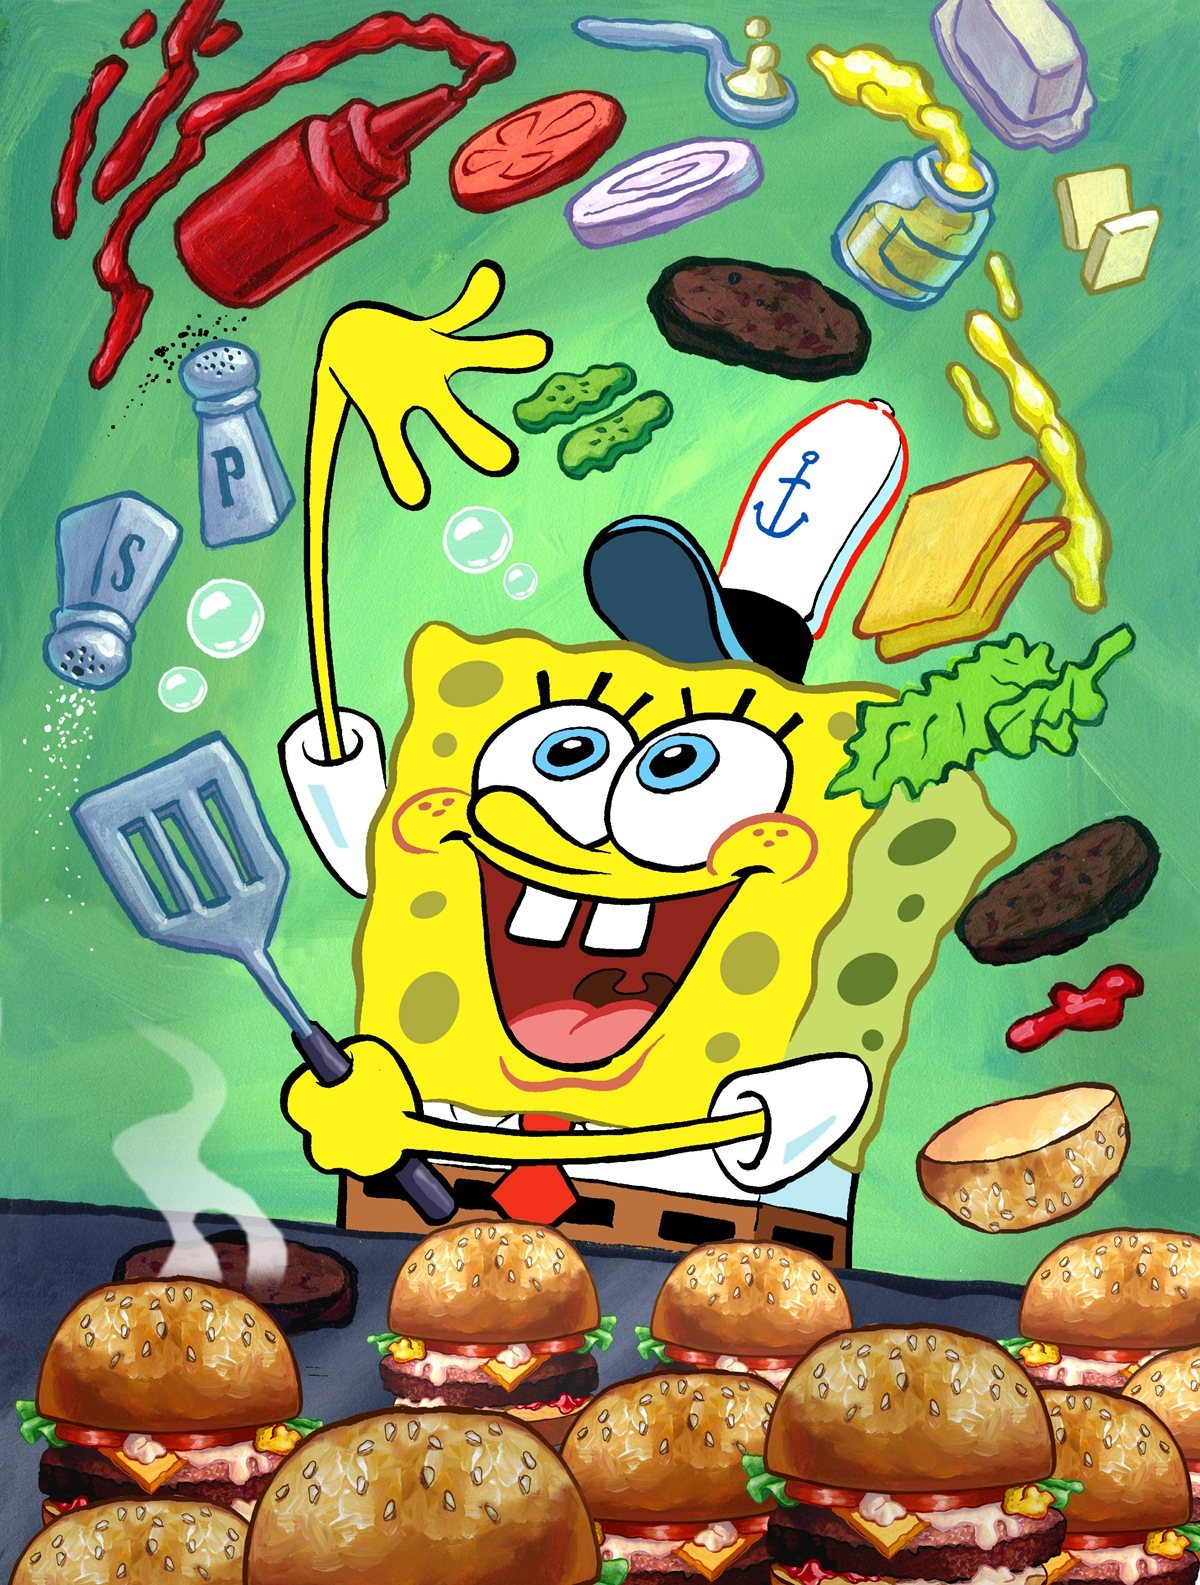 My Favorite Artis Kumpulan Gambar Spongebob Lucu Dan Keren